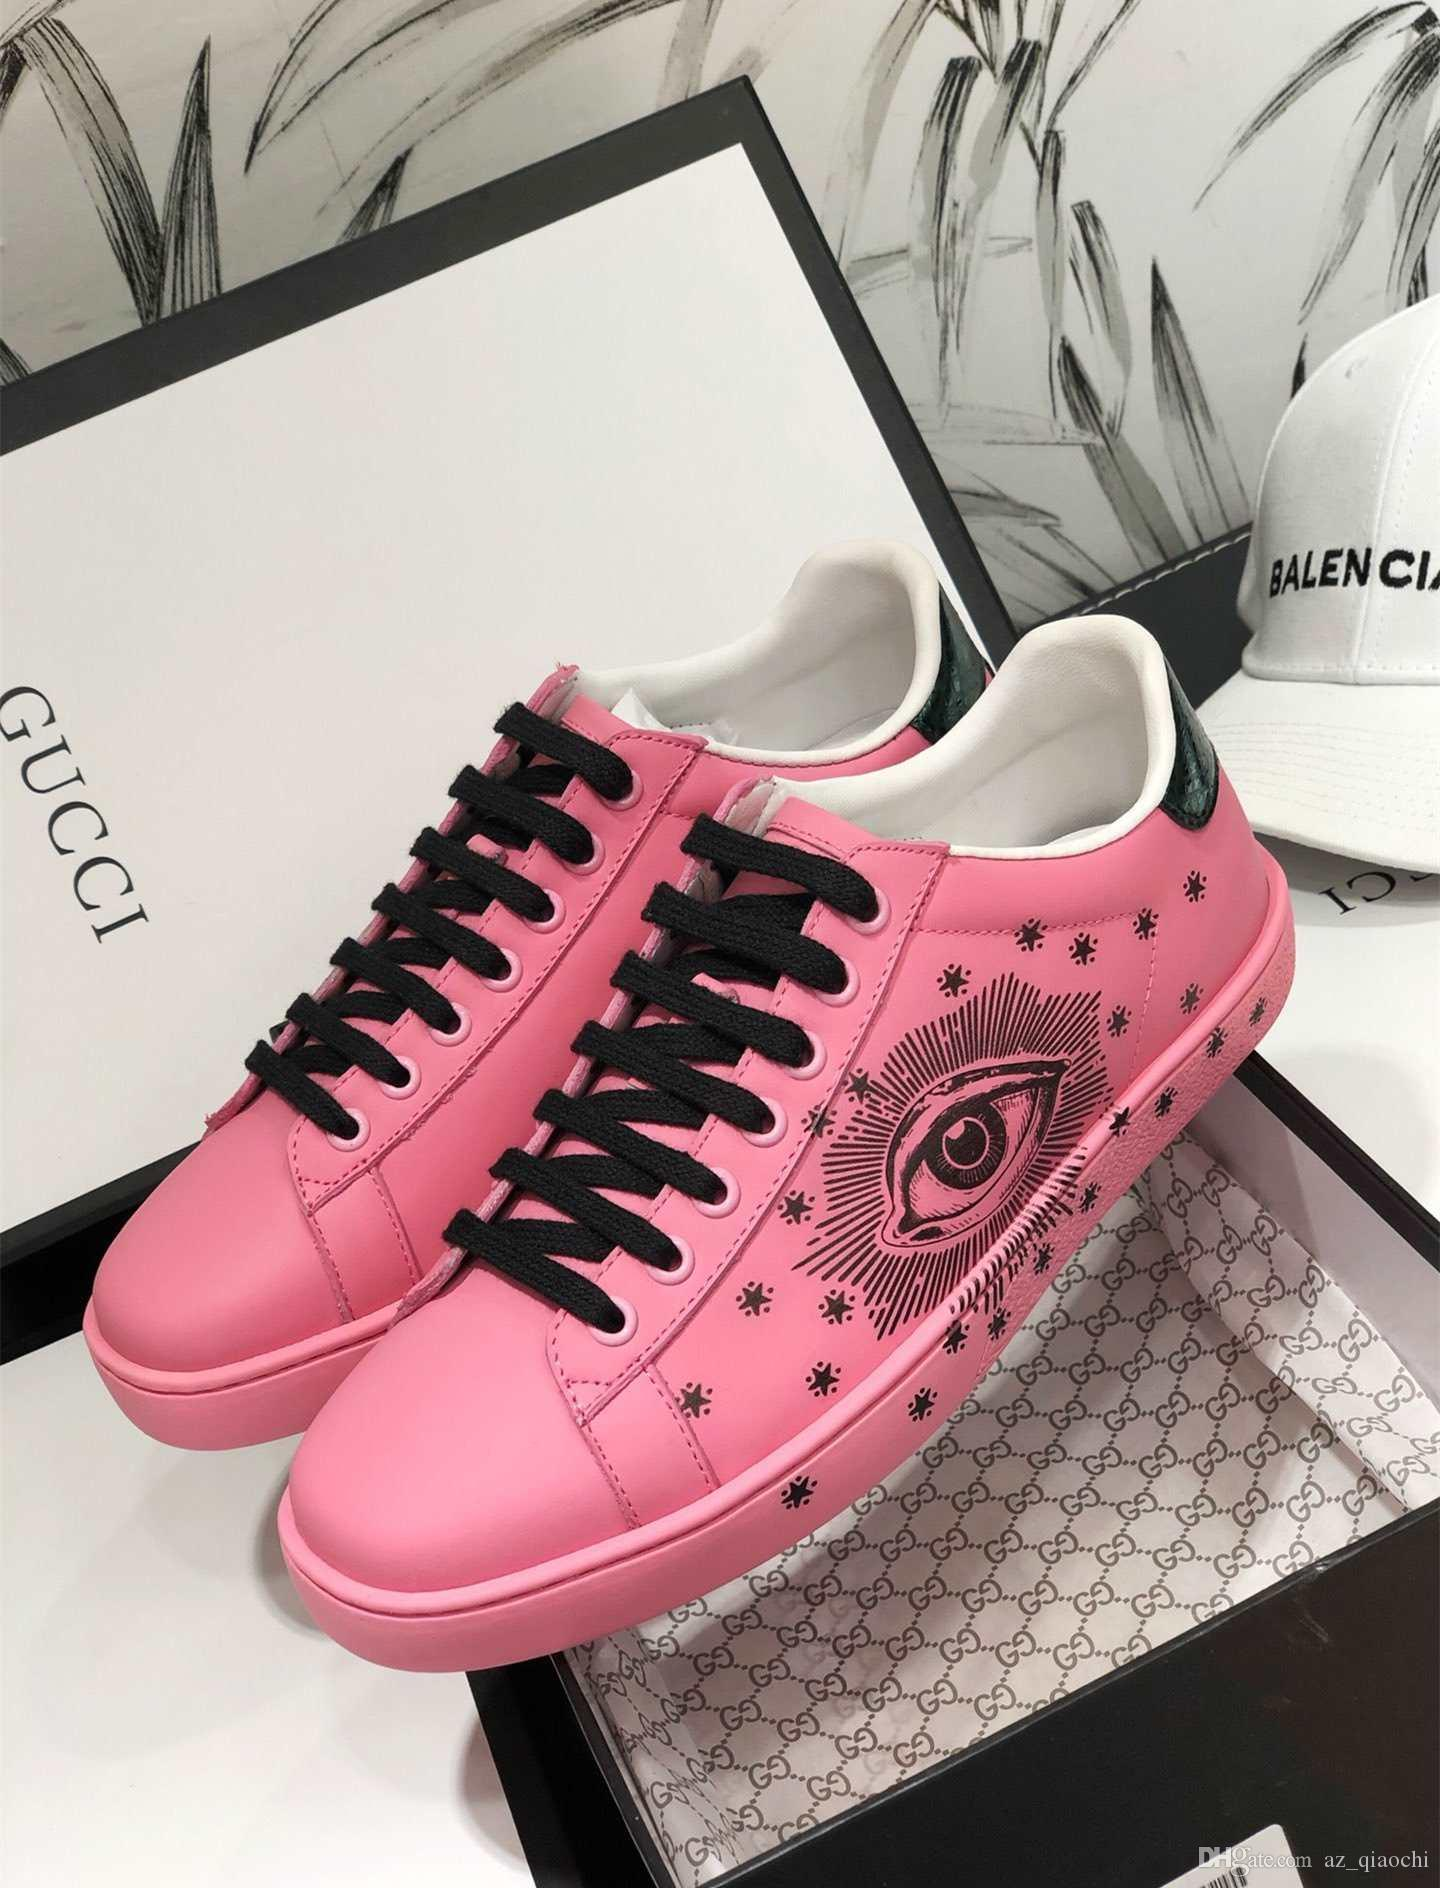 Çift lüks moda rahat düz rahat ayakkabılar için Pembe spor ayakkabı 2020 Yeni Sıcak satış hakiki deri kaliteli Unisex dantel yukarı size35-45